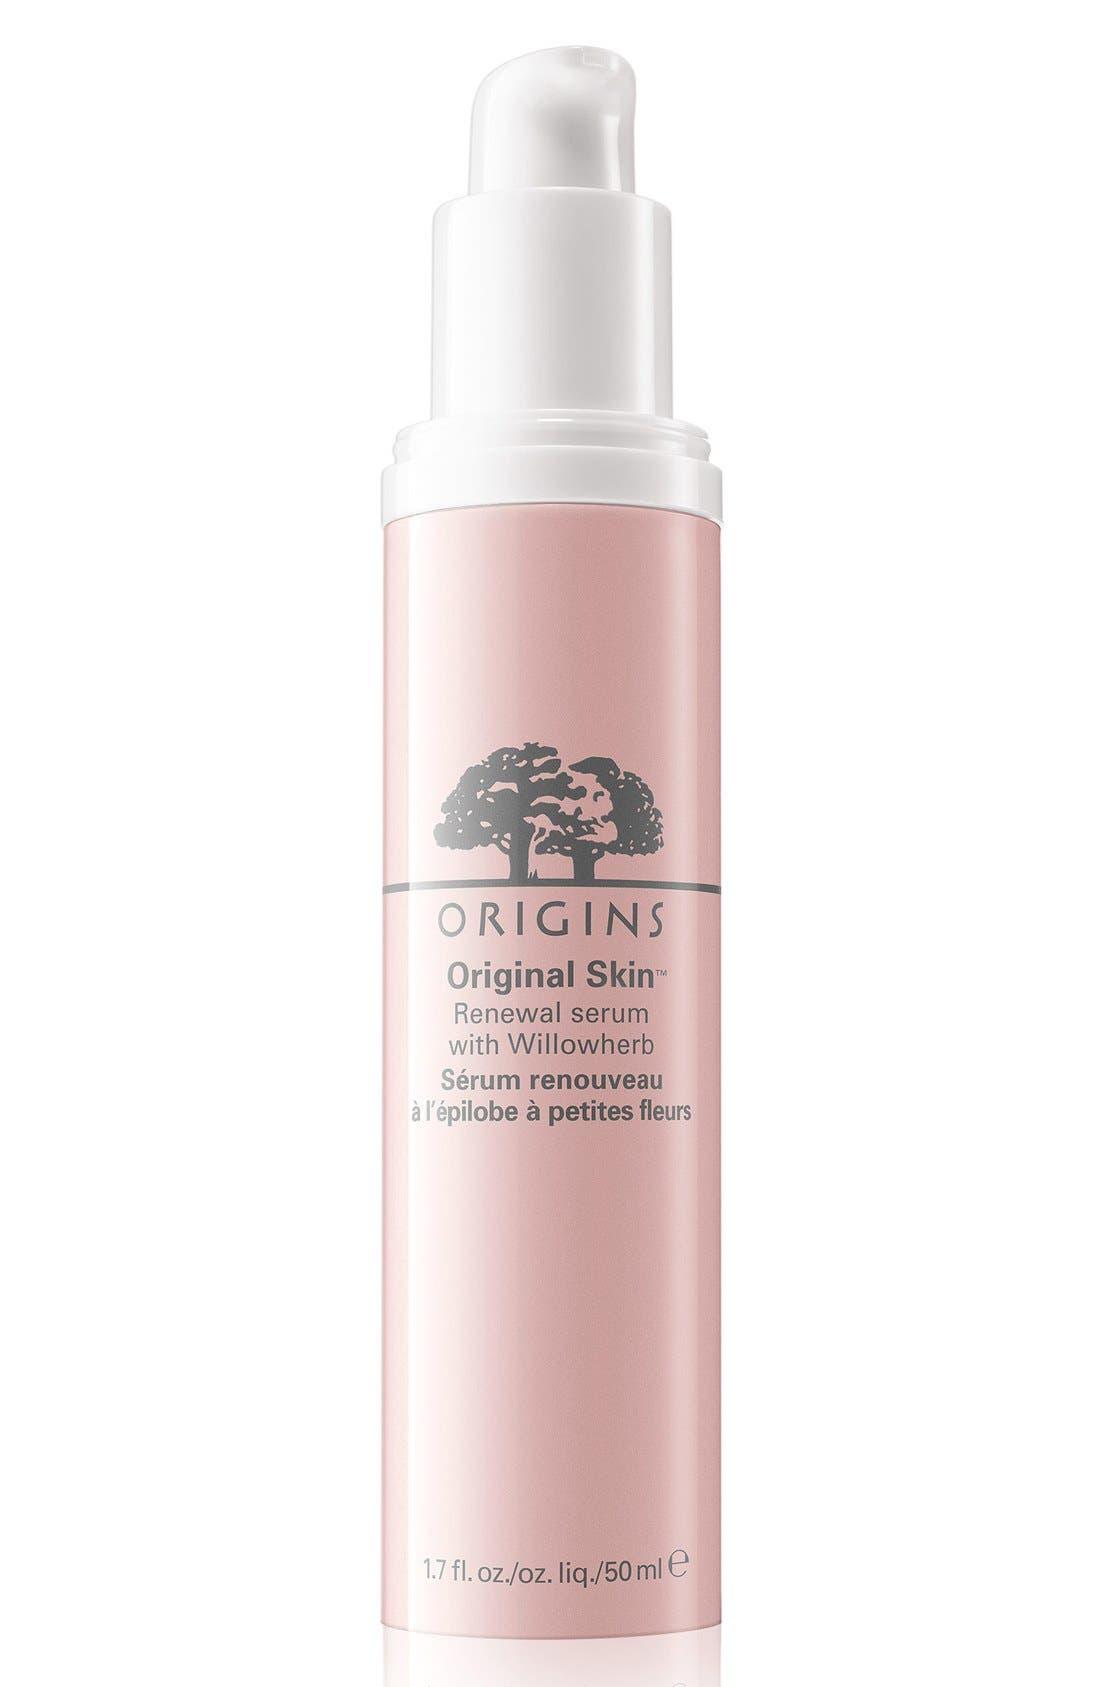 Origins Original Skin™ Renewal Serum with Willowherb